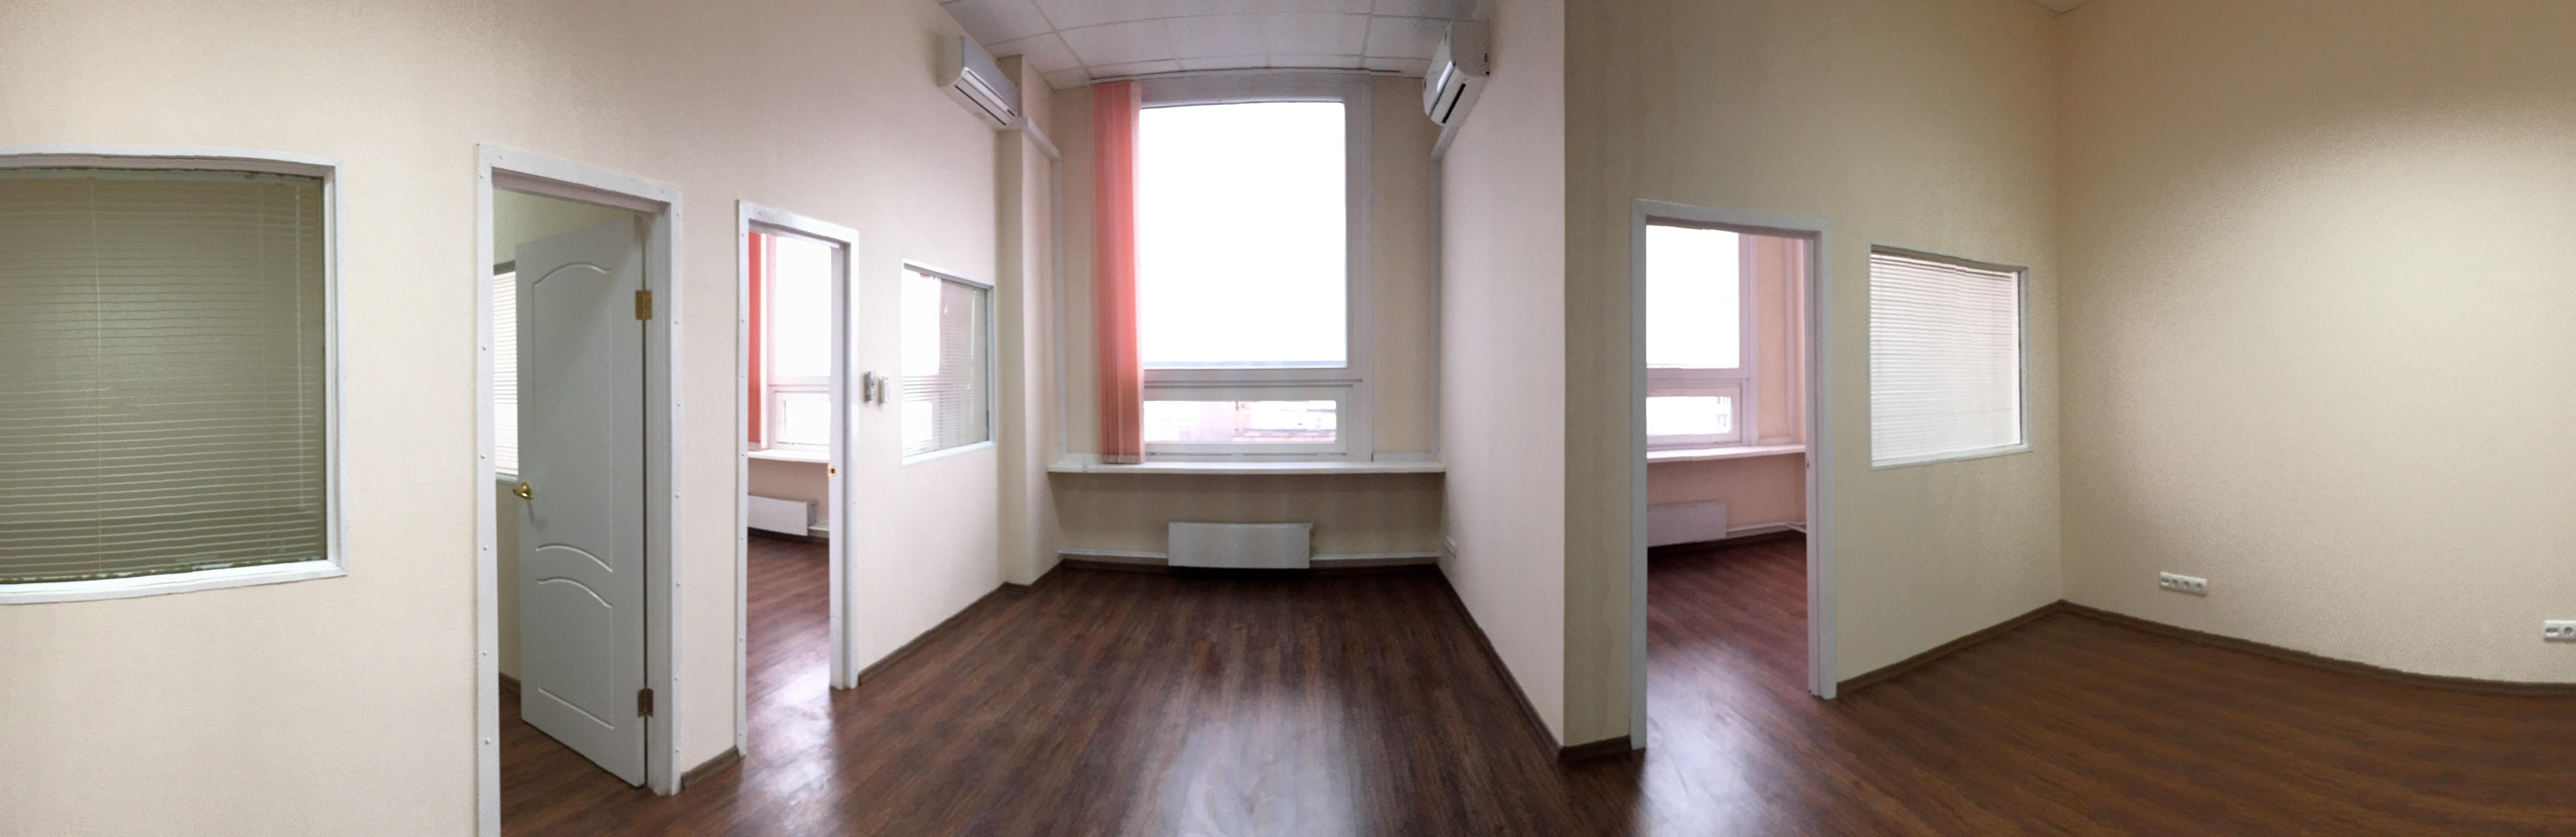 Панорама офиса